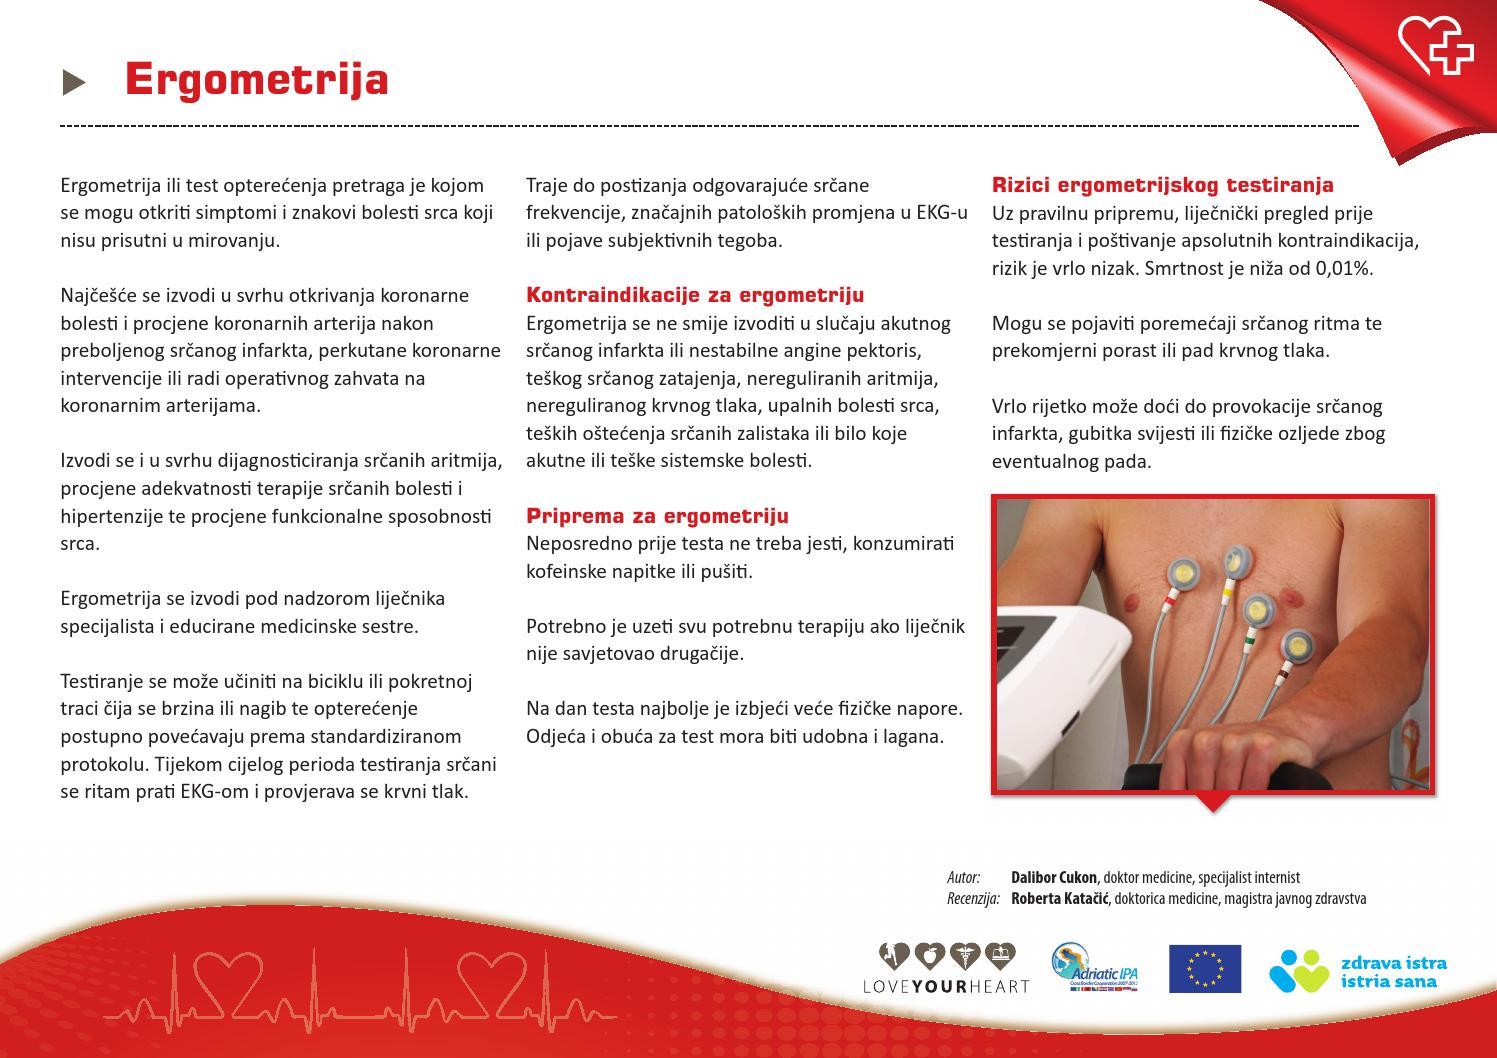 poremećaja srčanog ritma u hipertenzije